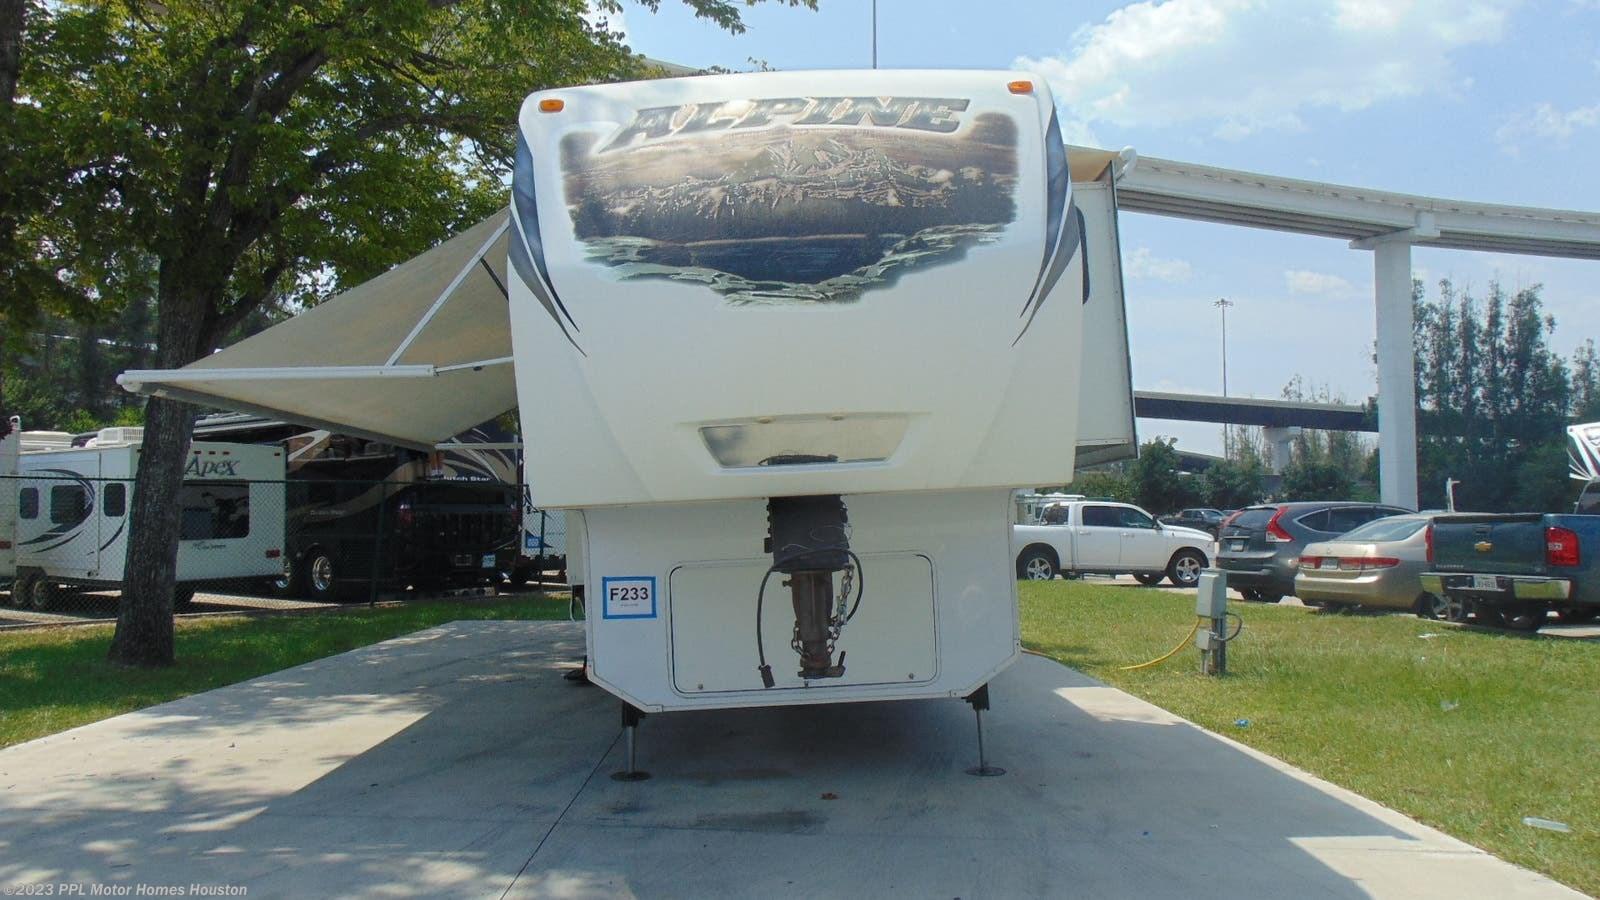 Keystone Fifth Wheel Dealer Houston Tx >> 2013 Keystone Rv Alpine 3600re For Sale In Houston Tx 77074 F233